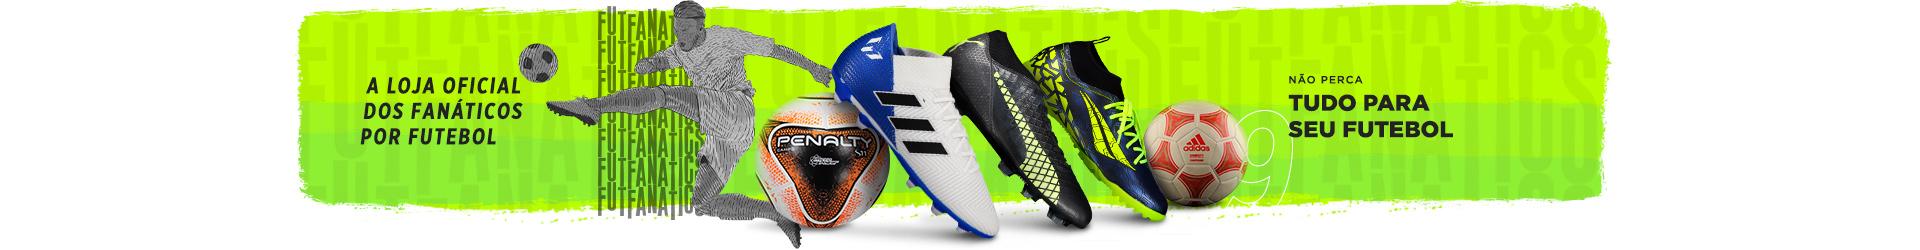 Bolas de Futebol de Salão - FutFanatics 88c34574c7c6f